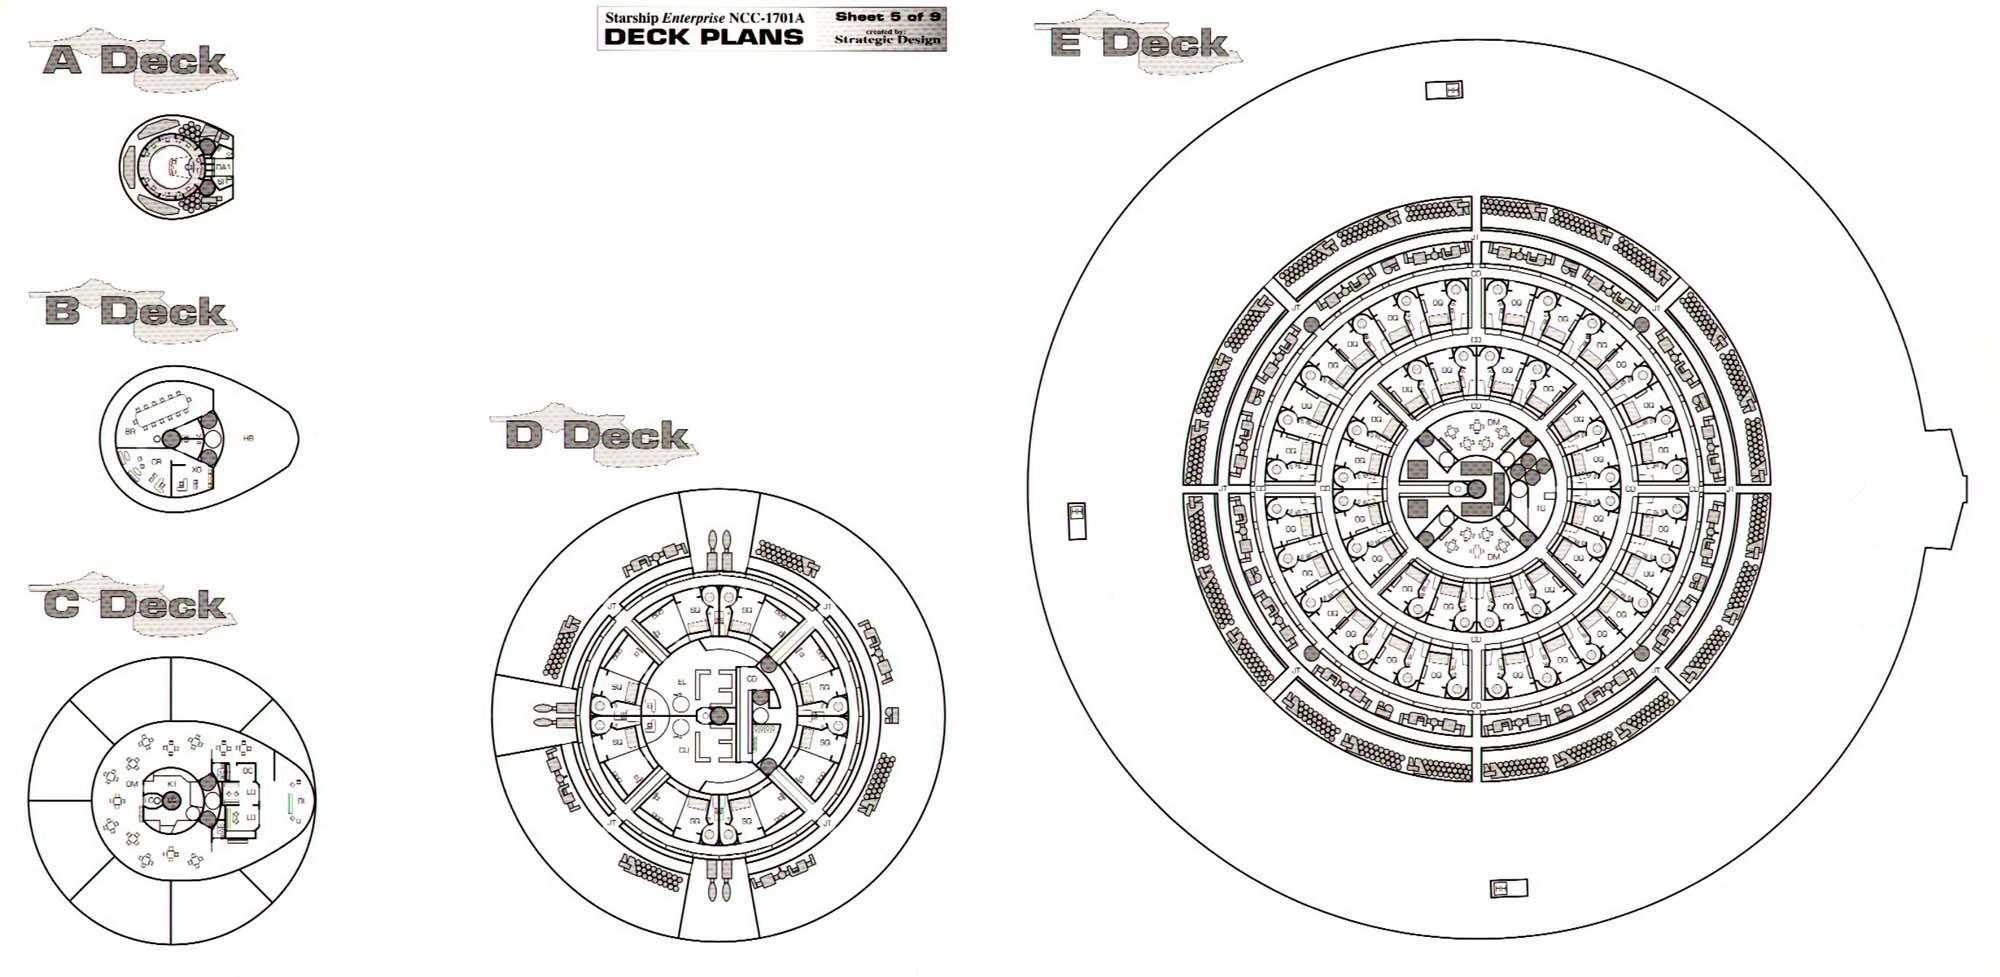 Enterprise ncc 1701a deck plans sheet 5 decks a b c d e views baanklon Images